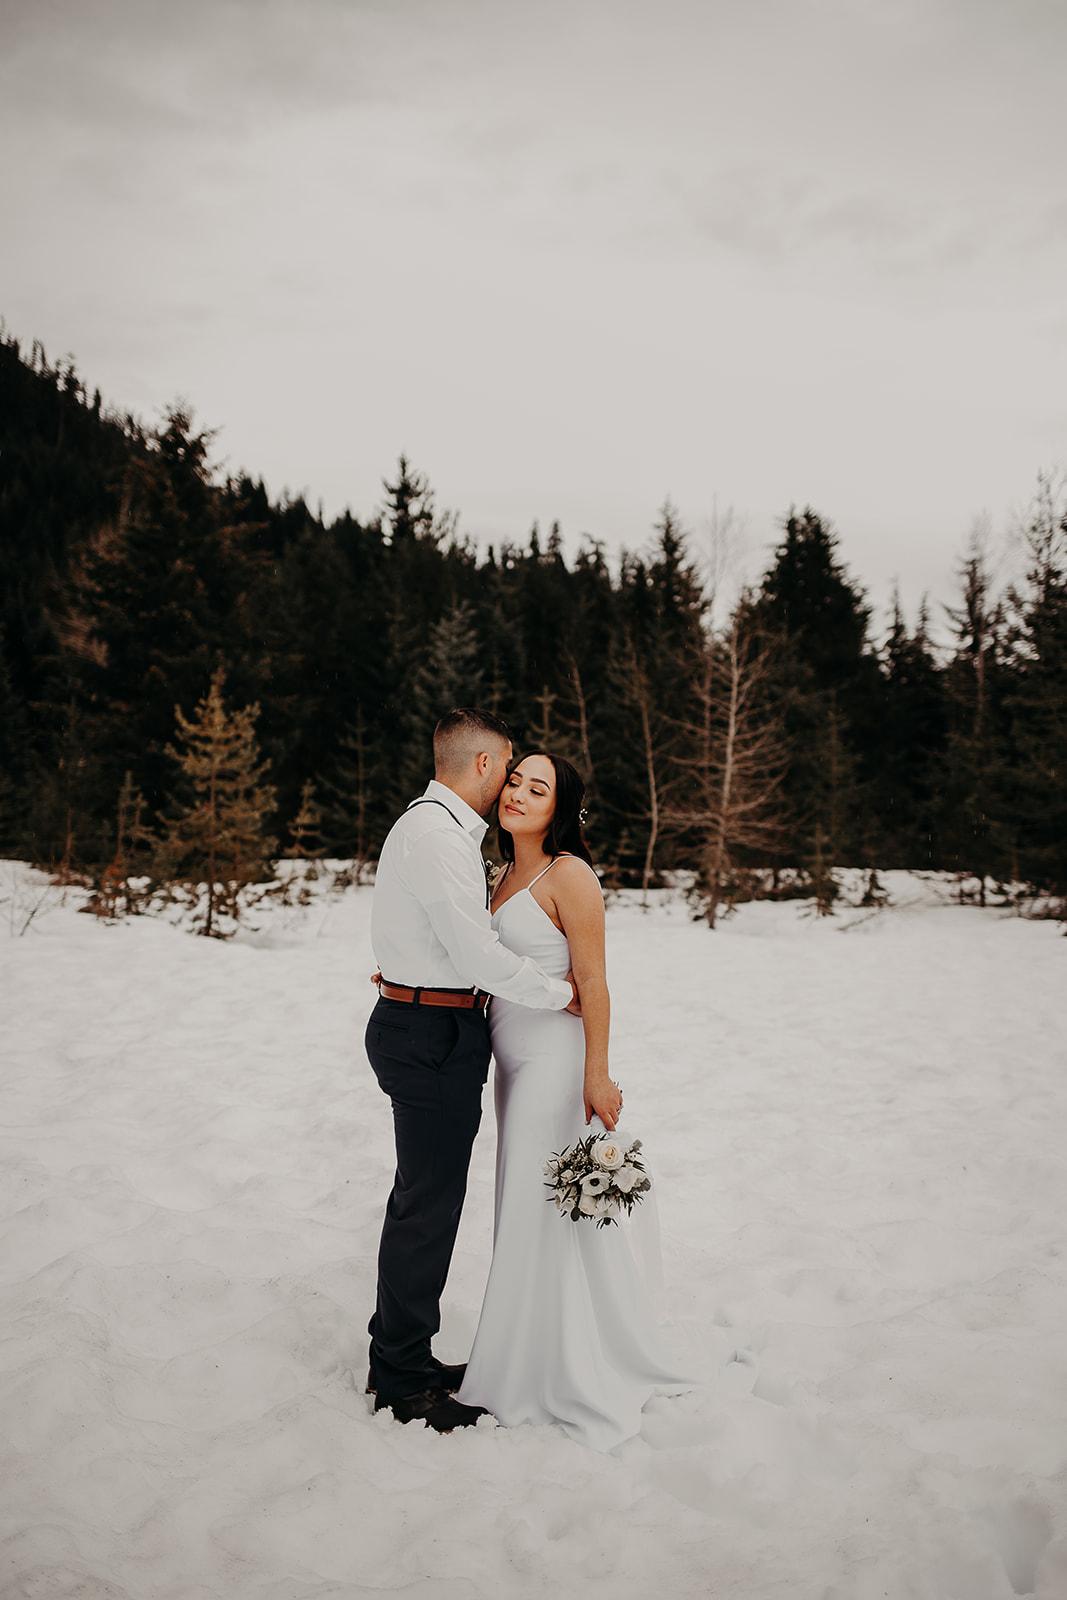 winter-mountain-elopement-asheville-wedding-photographer-megan-gallagher-photographer (11).jpg